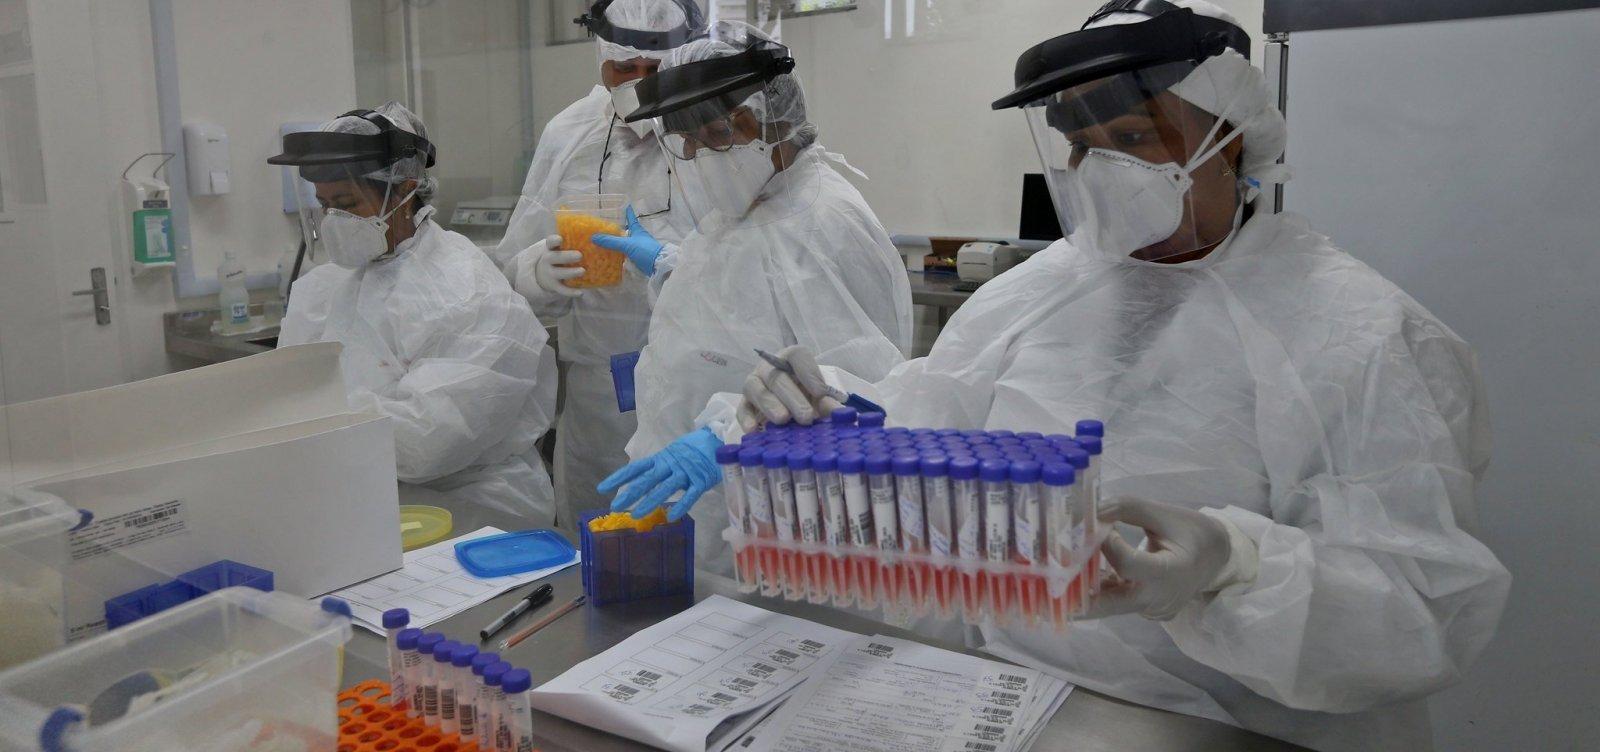 Covid-19: Salvador registra 690 casos e 65 mortes pela doença em 24h